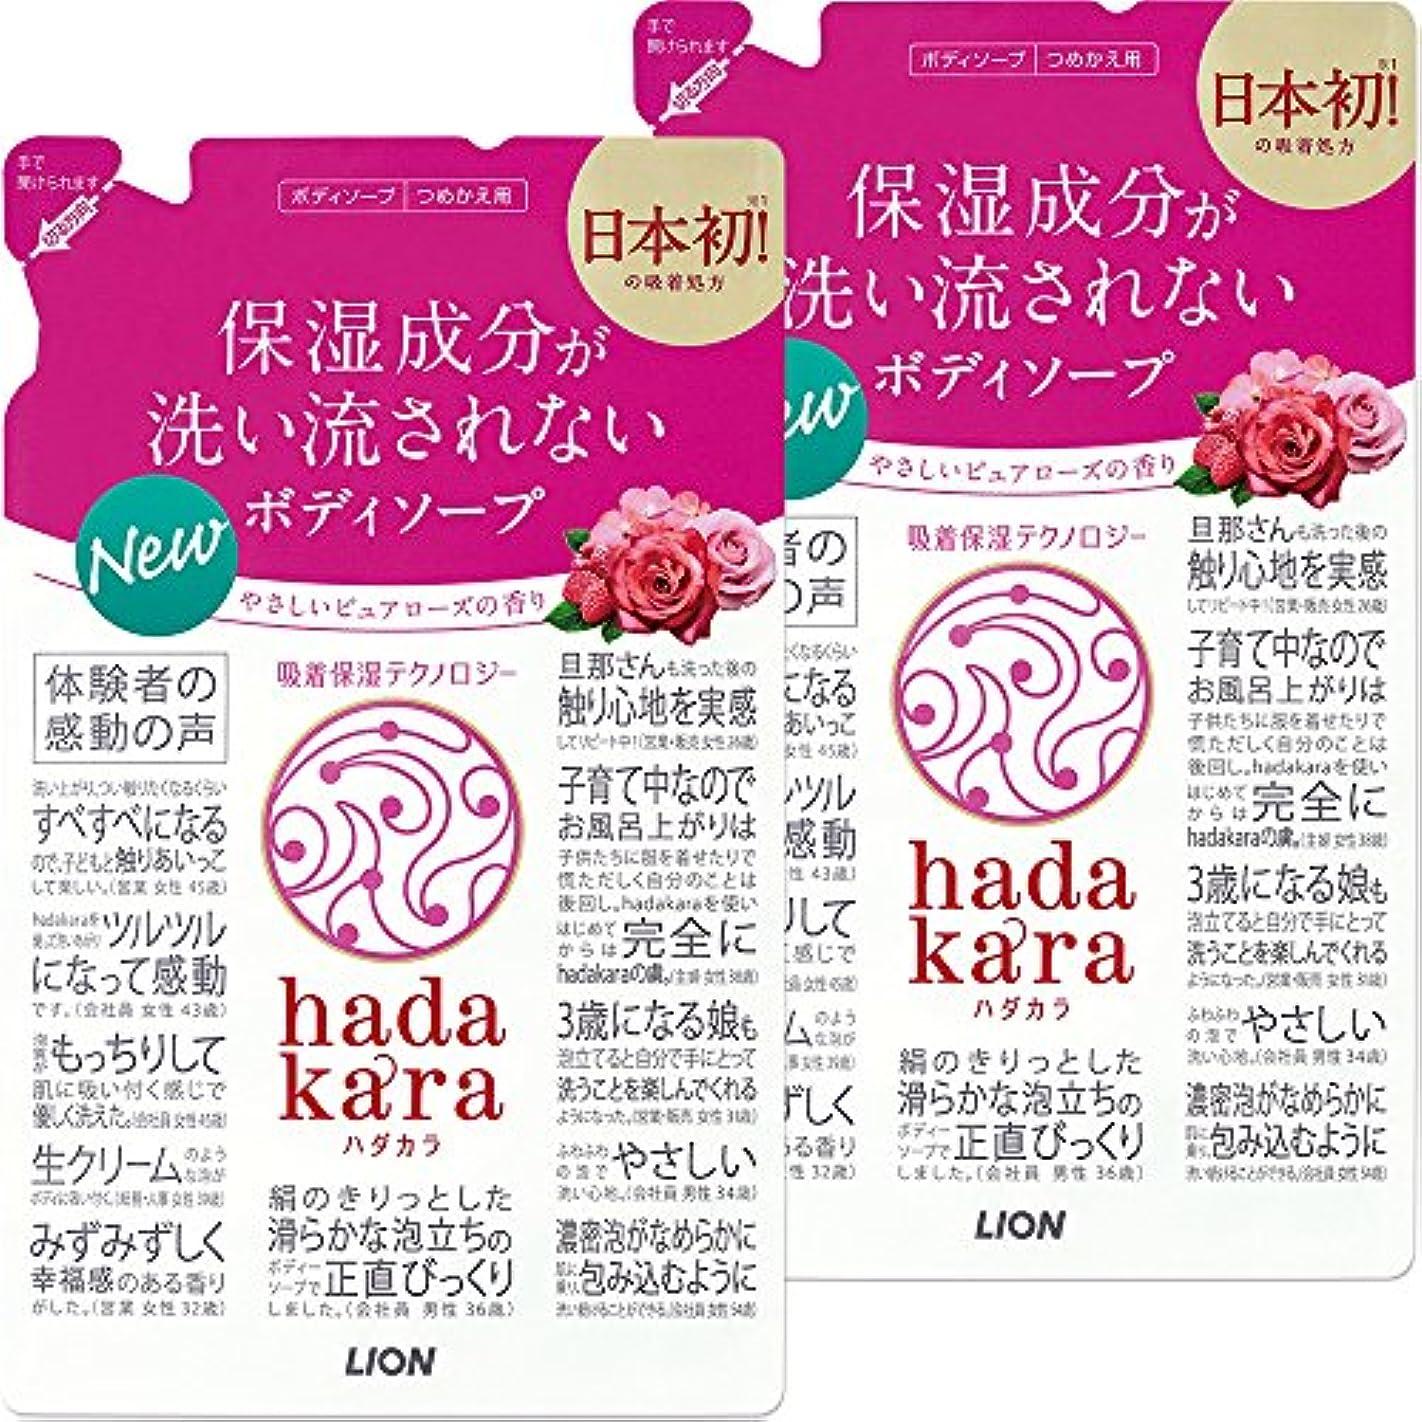 バタフライ隣人蛇行【まとめ買い】hadakara(ハダカラ) ボディソープ ピュアローズの香り 詰め替え 360ml×2個パック